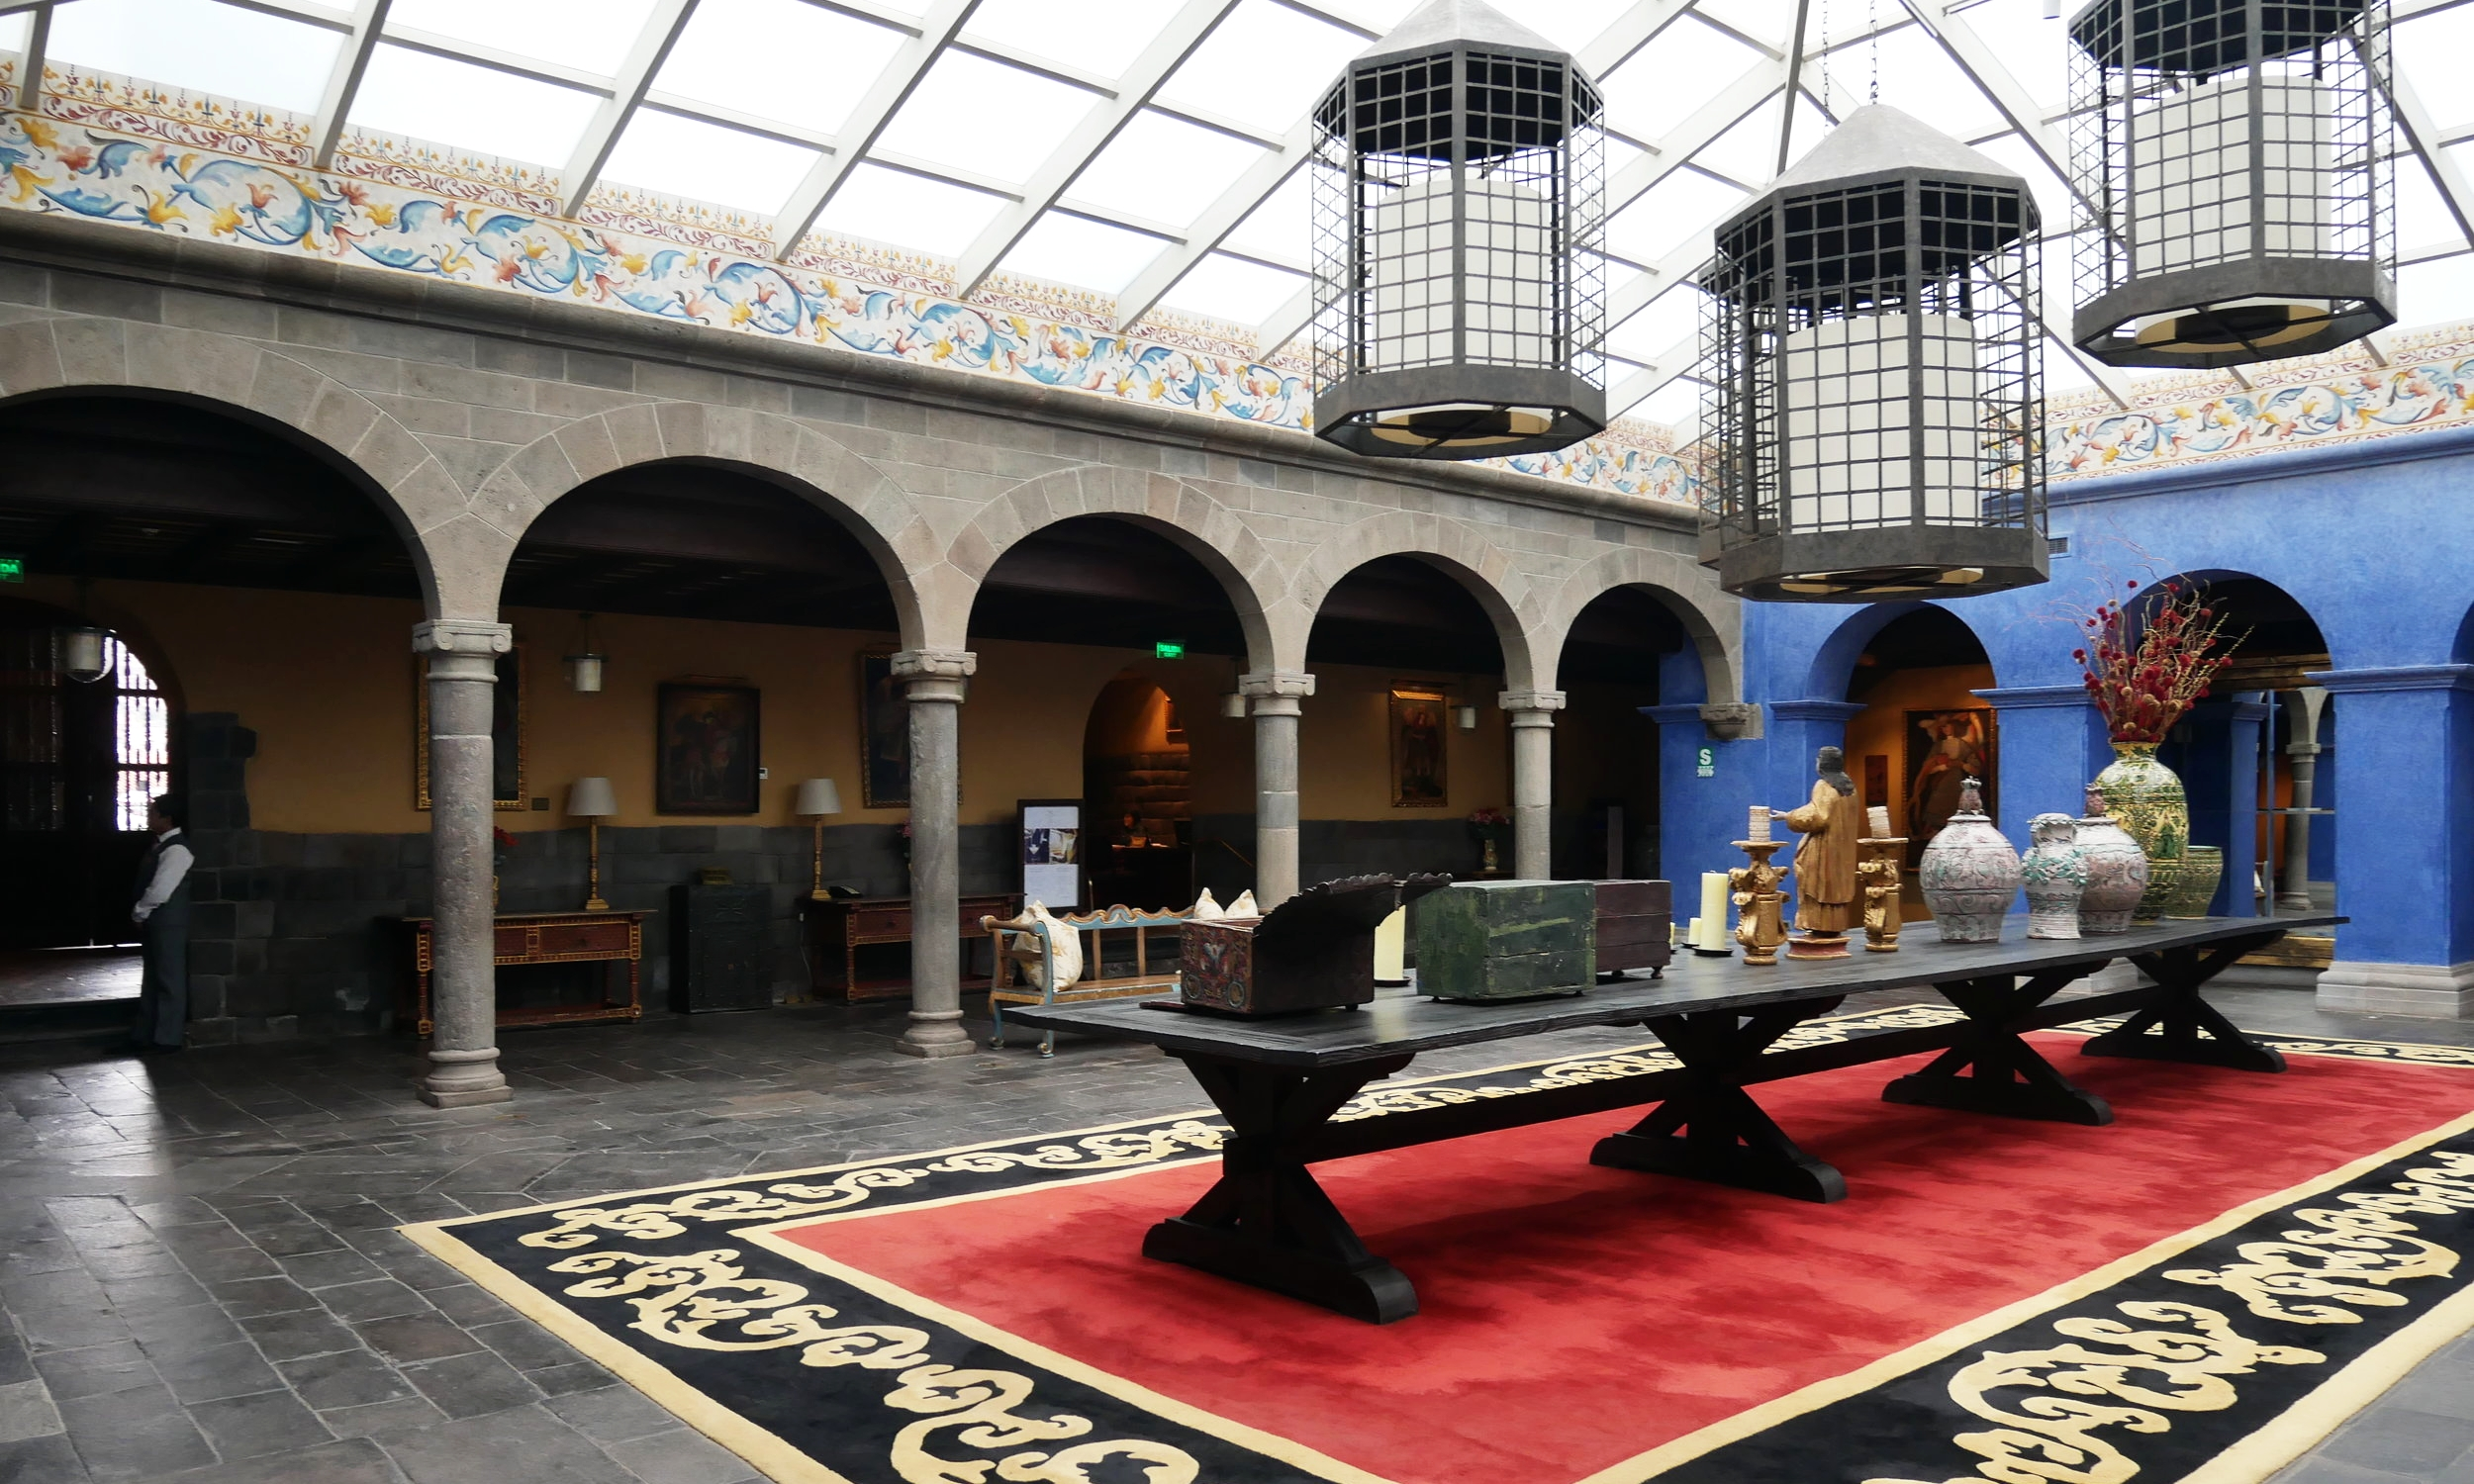 Palacio Del Inka's reception area